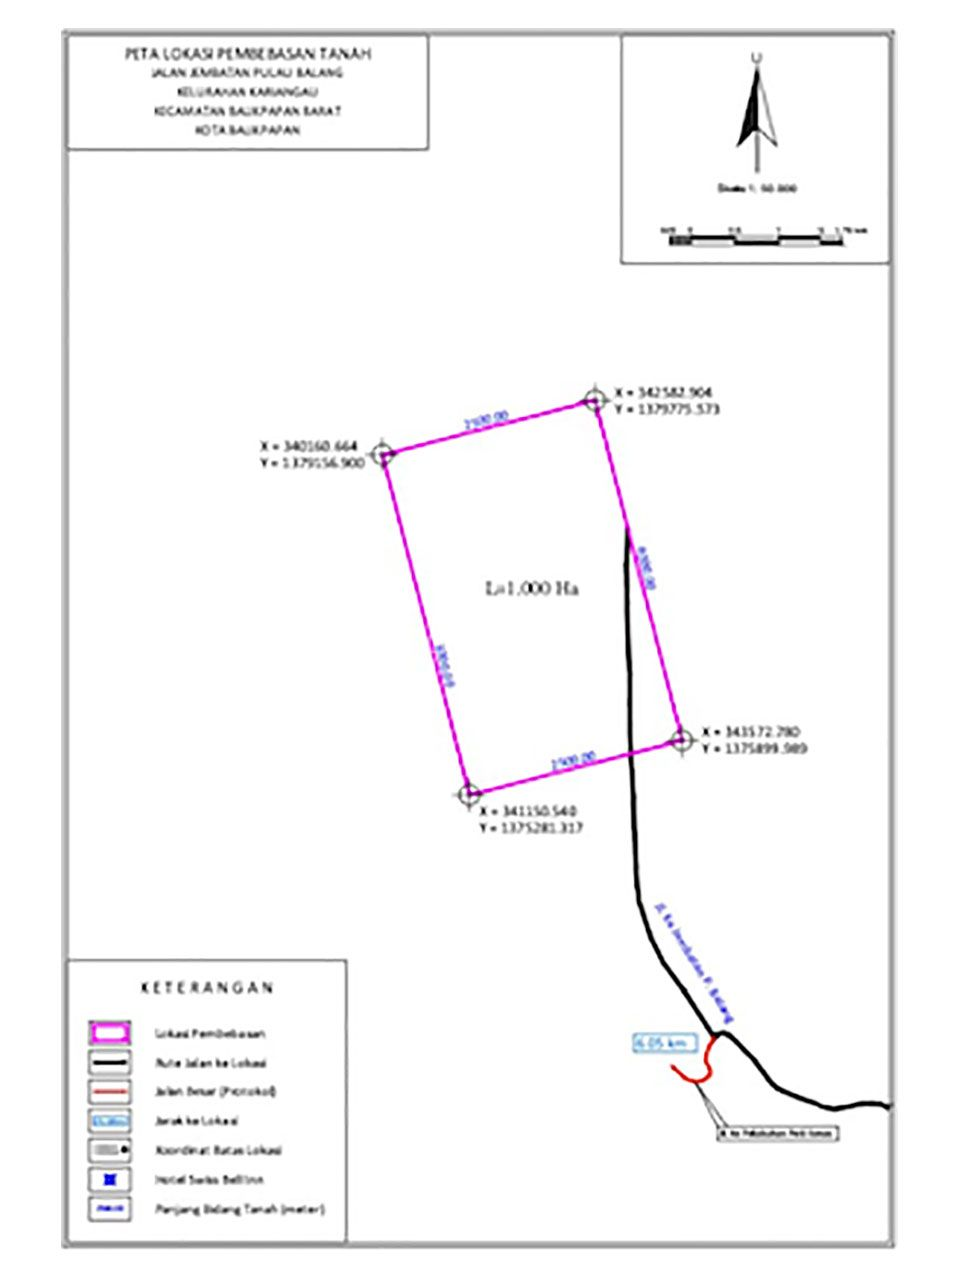 Land for Warehousing in Kariangau, West Balikpapan, Kota Balikpapan